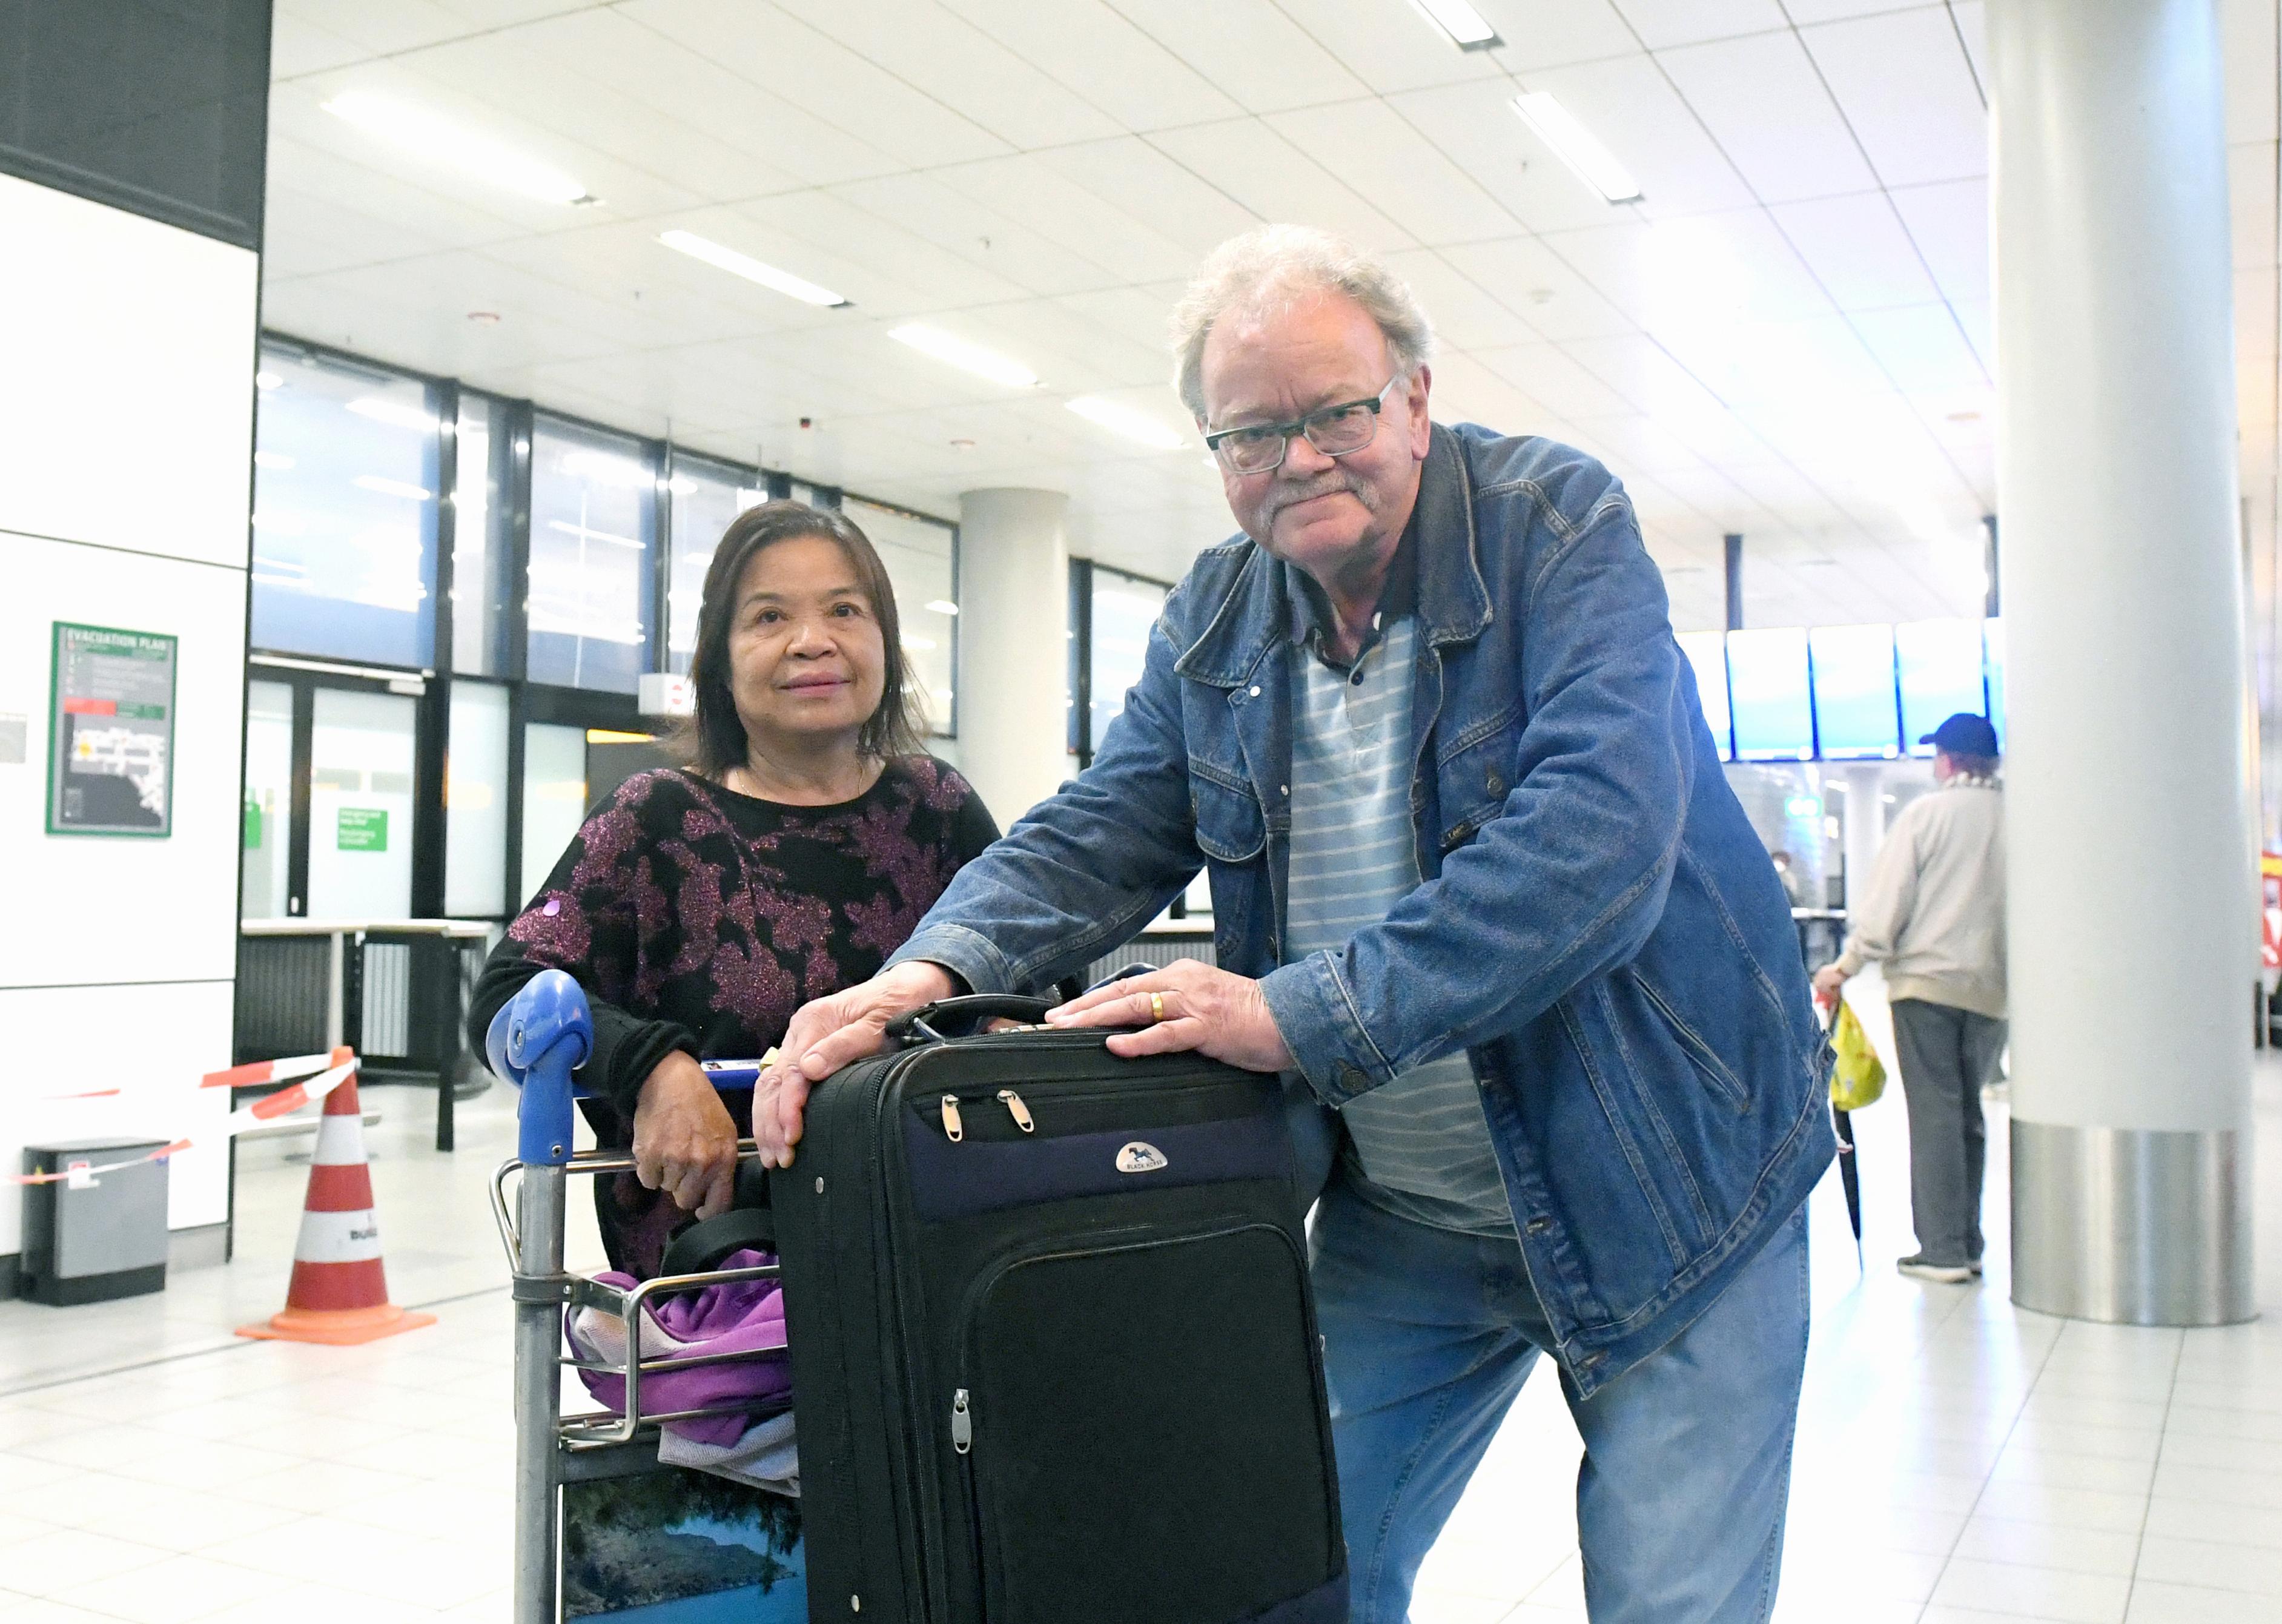 De Helderse Wina (58) vloog in maart naar Thailand voor haar stervende moeder en zat daar vast tot 4 juli vanwege coronamaatregelen